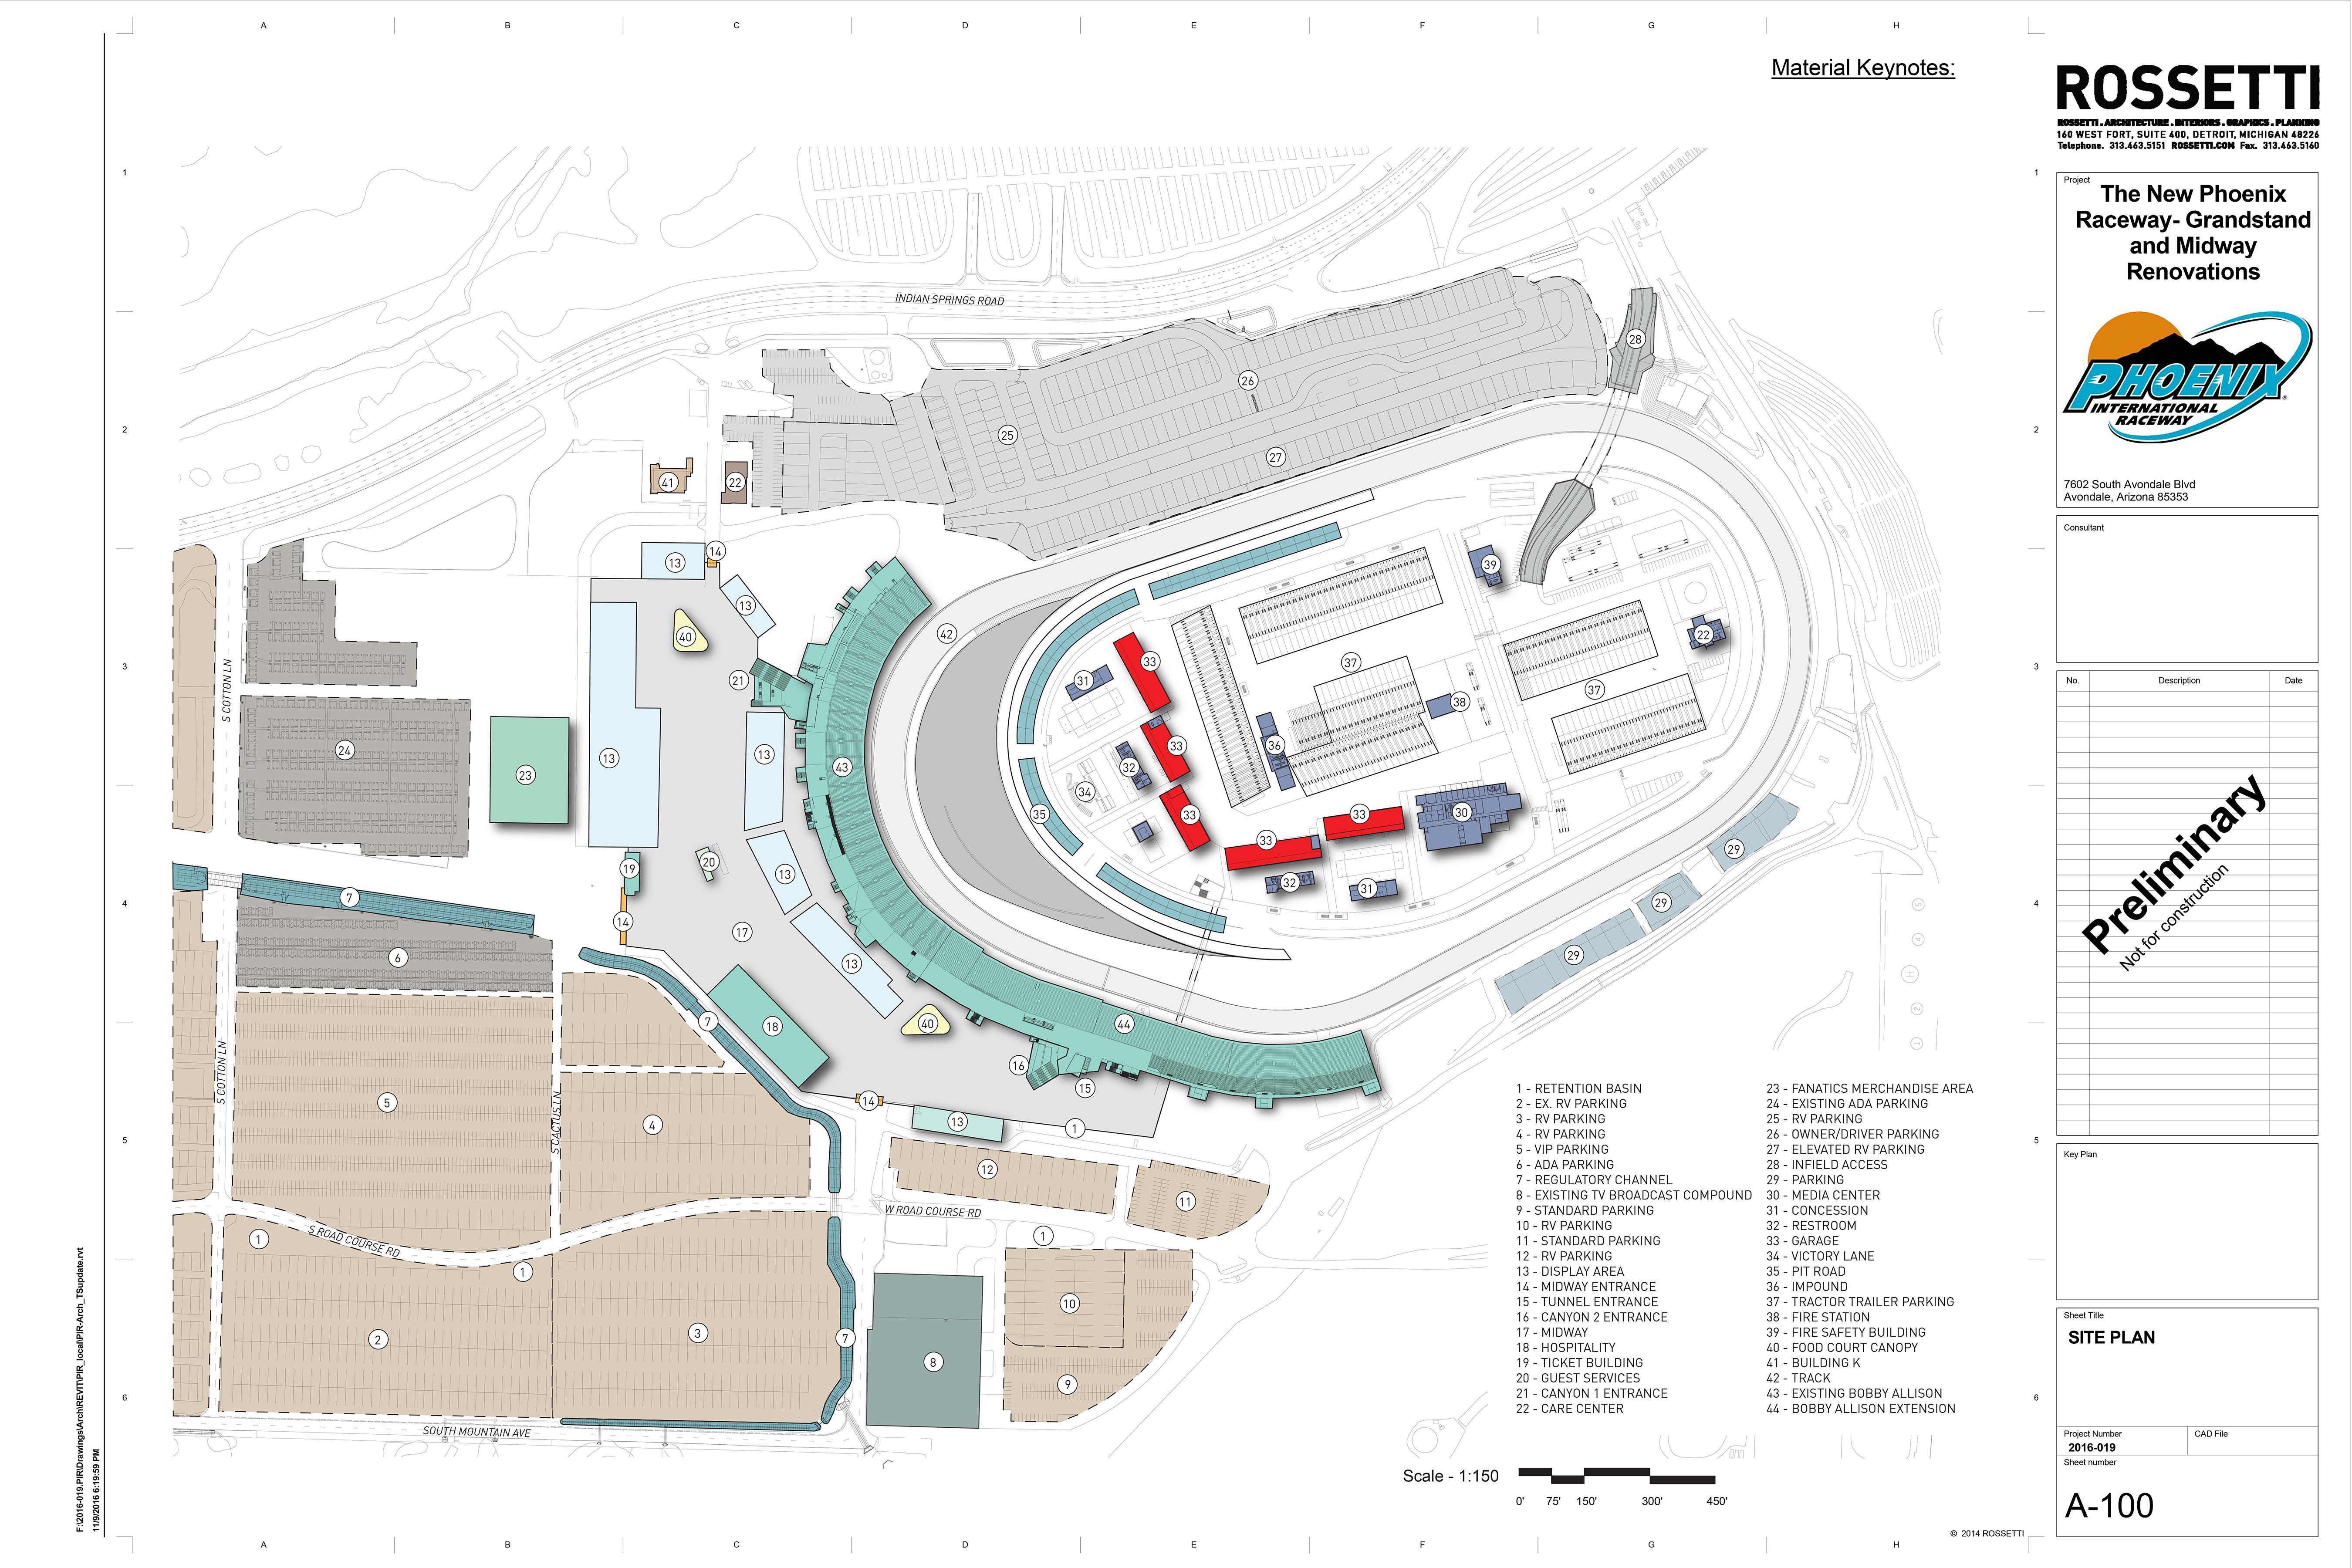 2016_1109 Final Site Plan